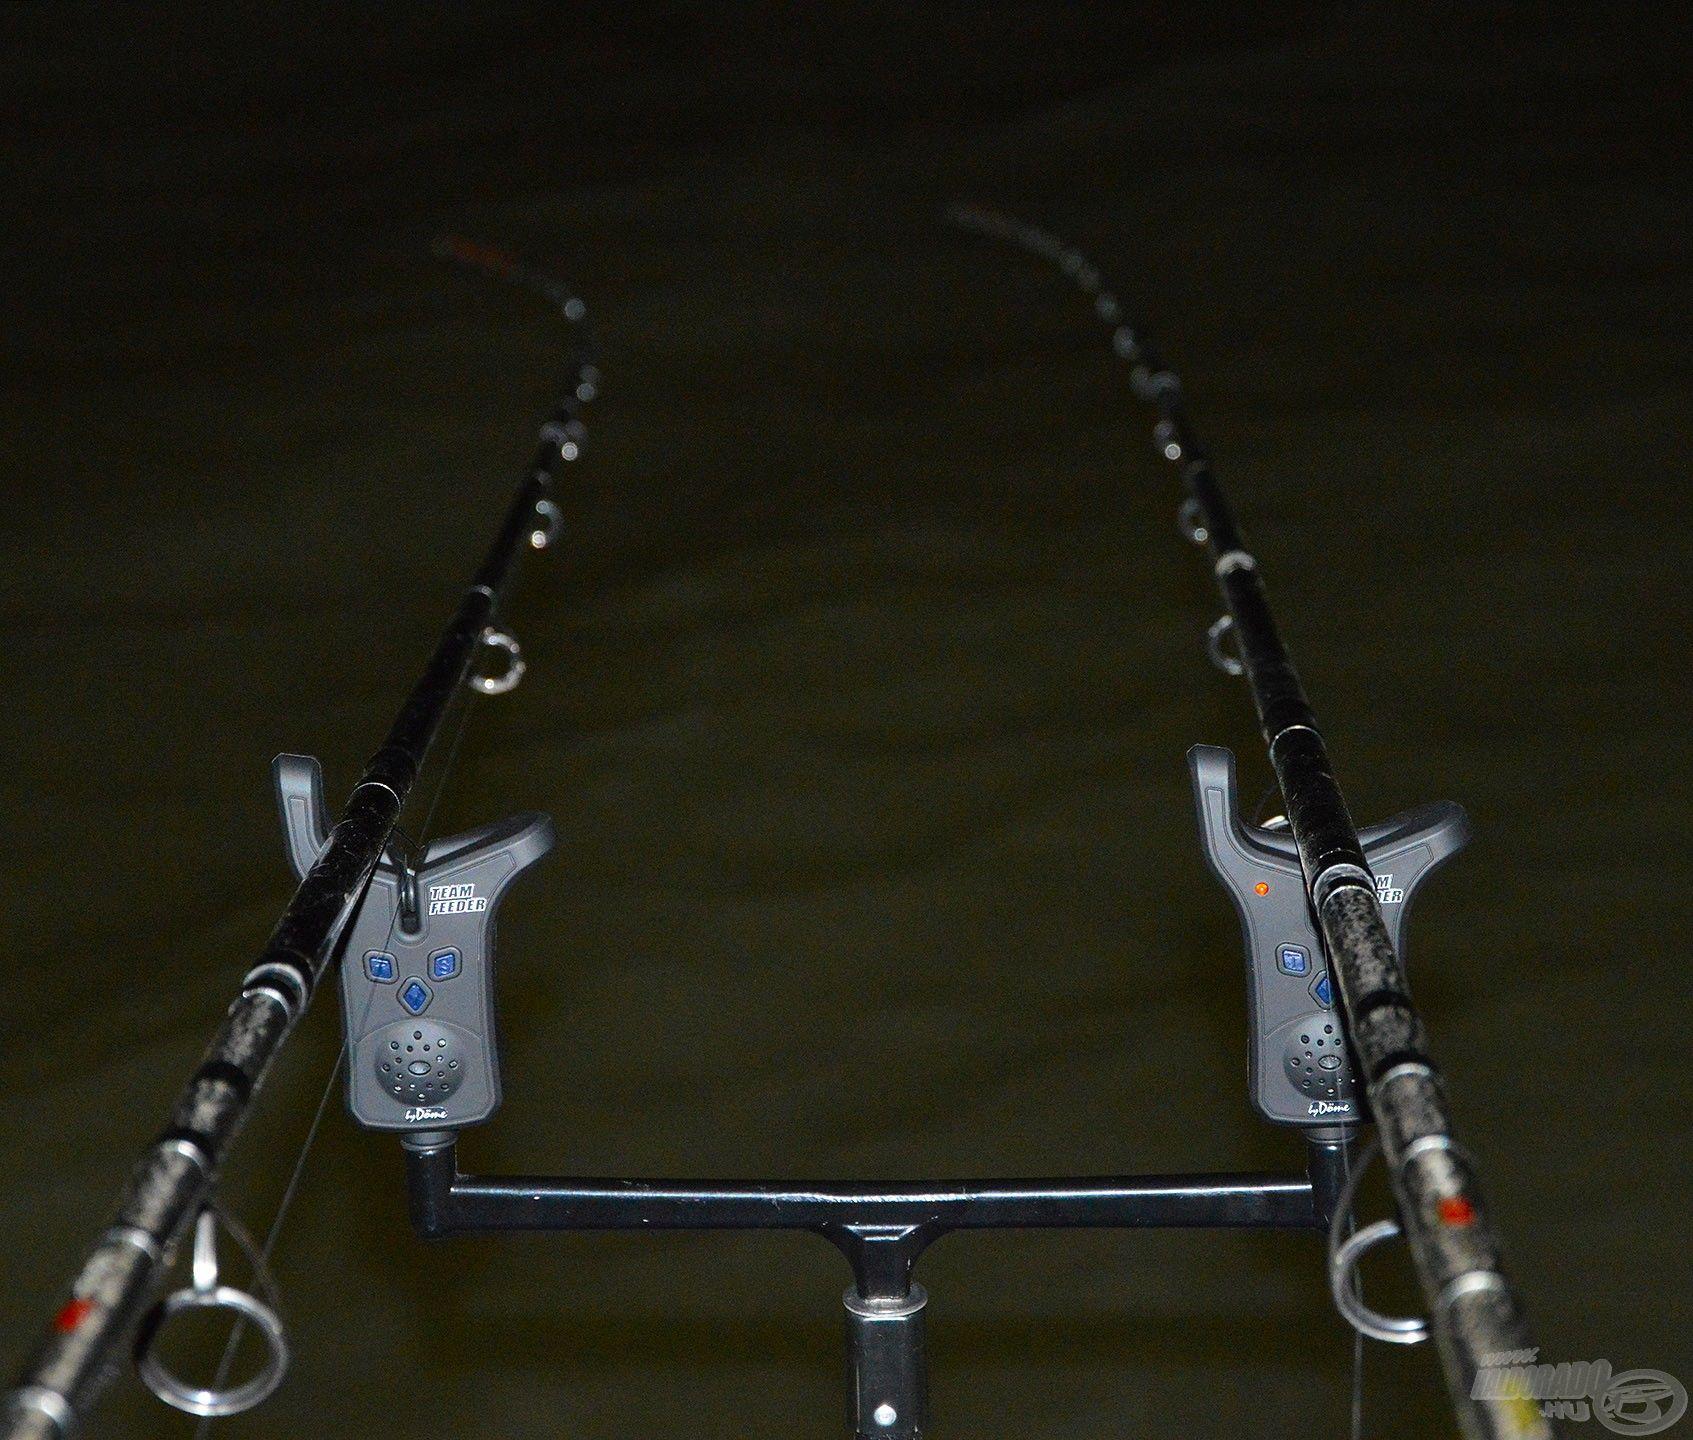 Ha a horgász elfárad és pihenni szeretne, sokkal kényelmesebb, nyugodtabb pecát tesz lehetővé